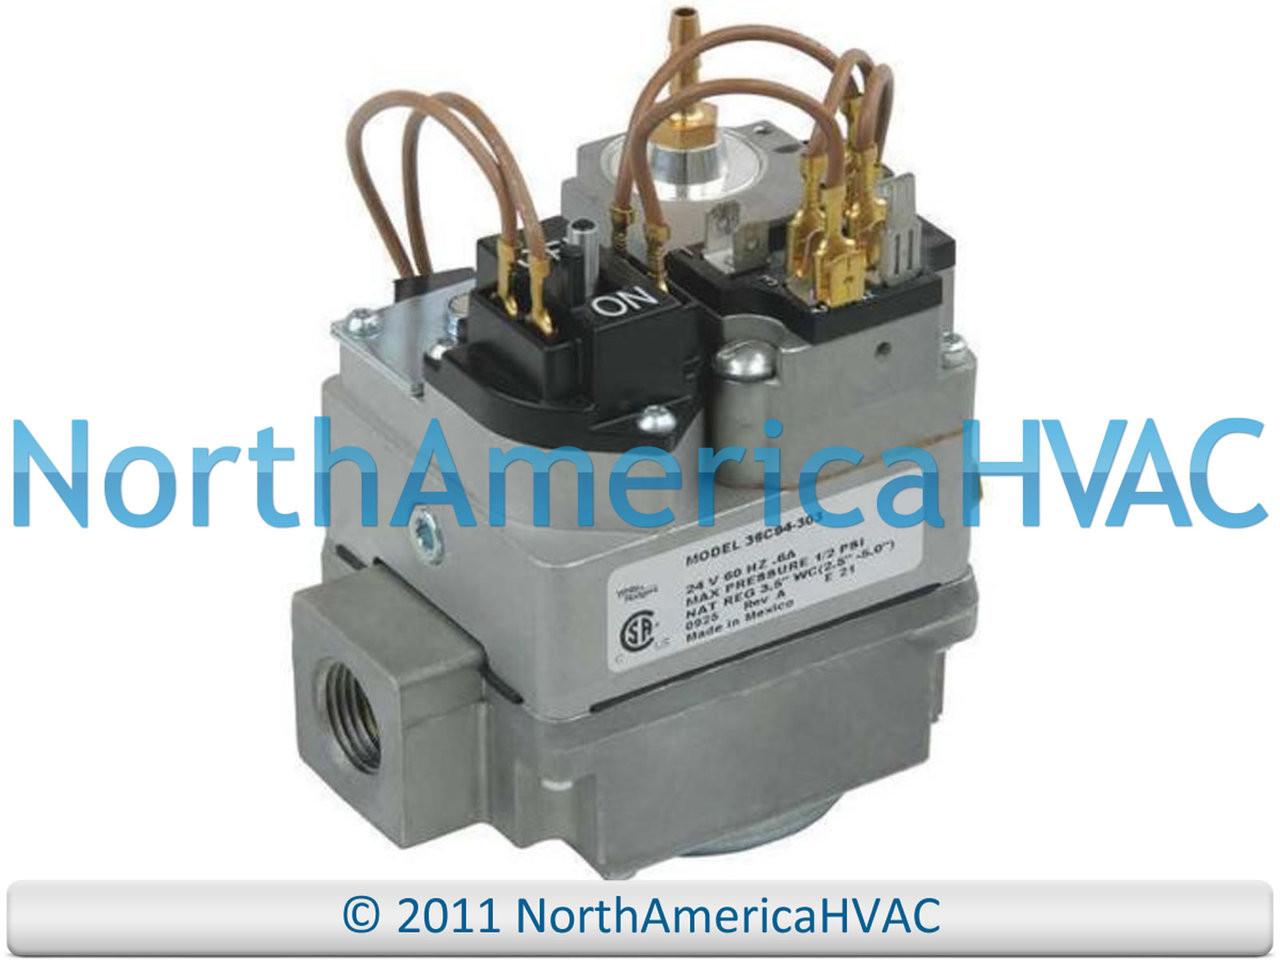 White Rodgers Gas Valve Wiring Diagram 36e Reveolution Of Furnace Control Board Pilot 36c94 302 303 36e93 301 Rh Northamericahvac Com Valves Lennox